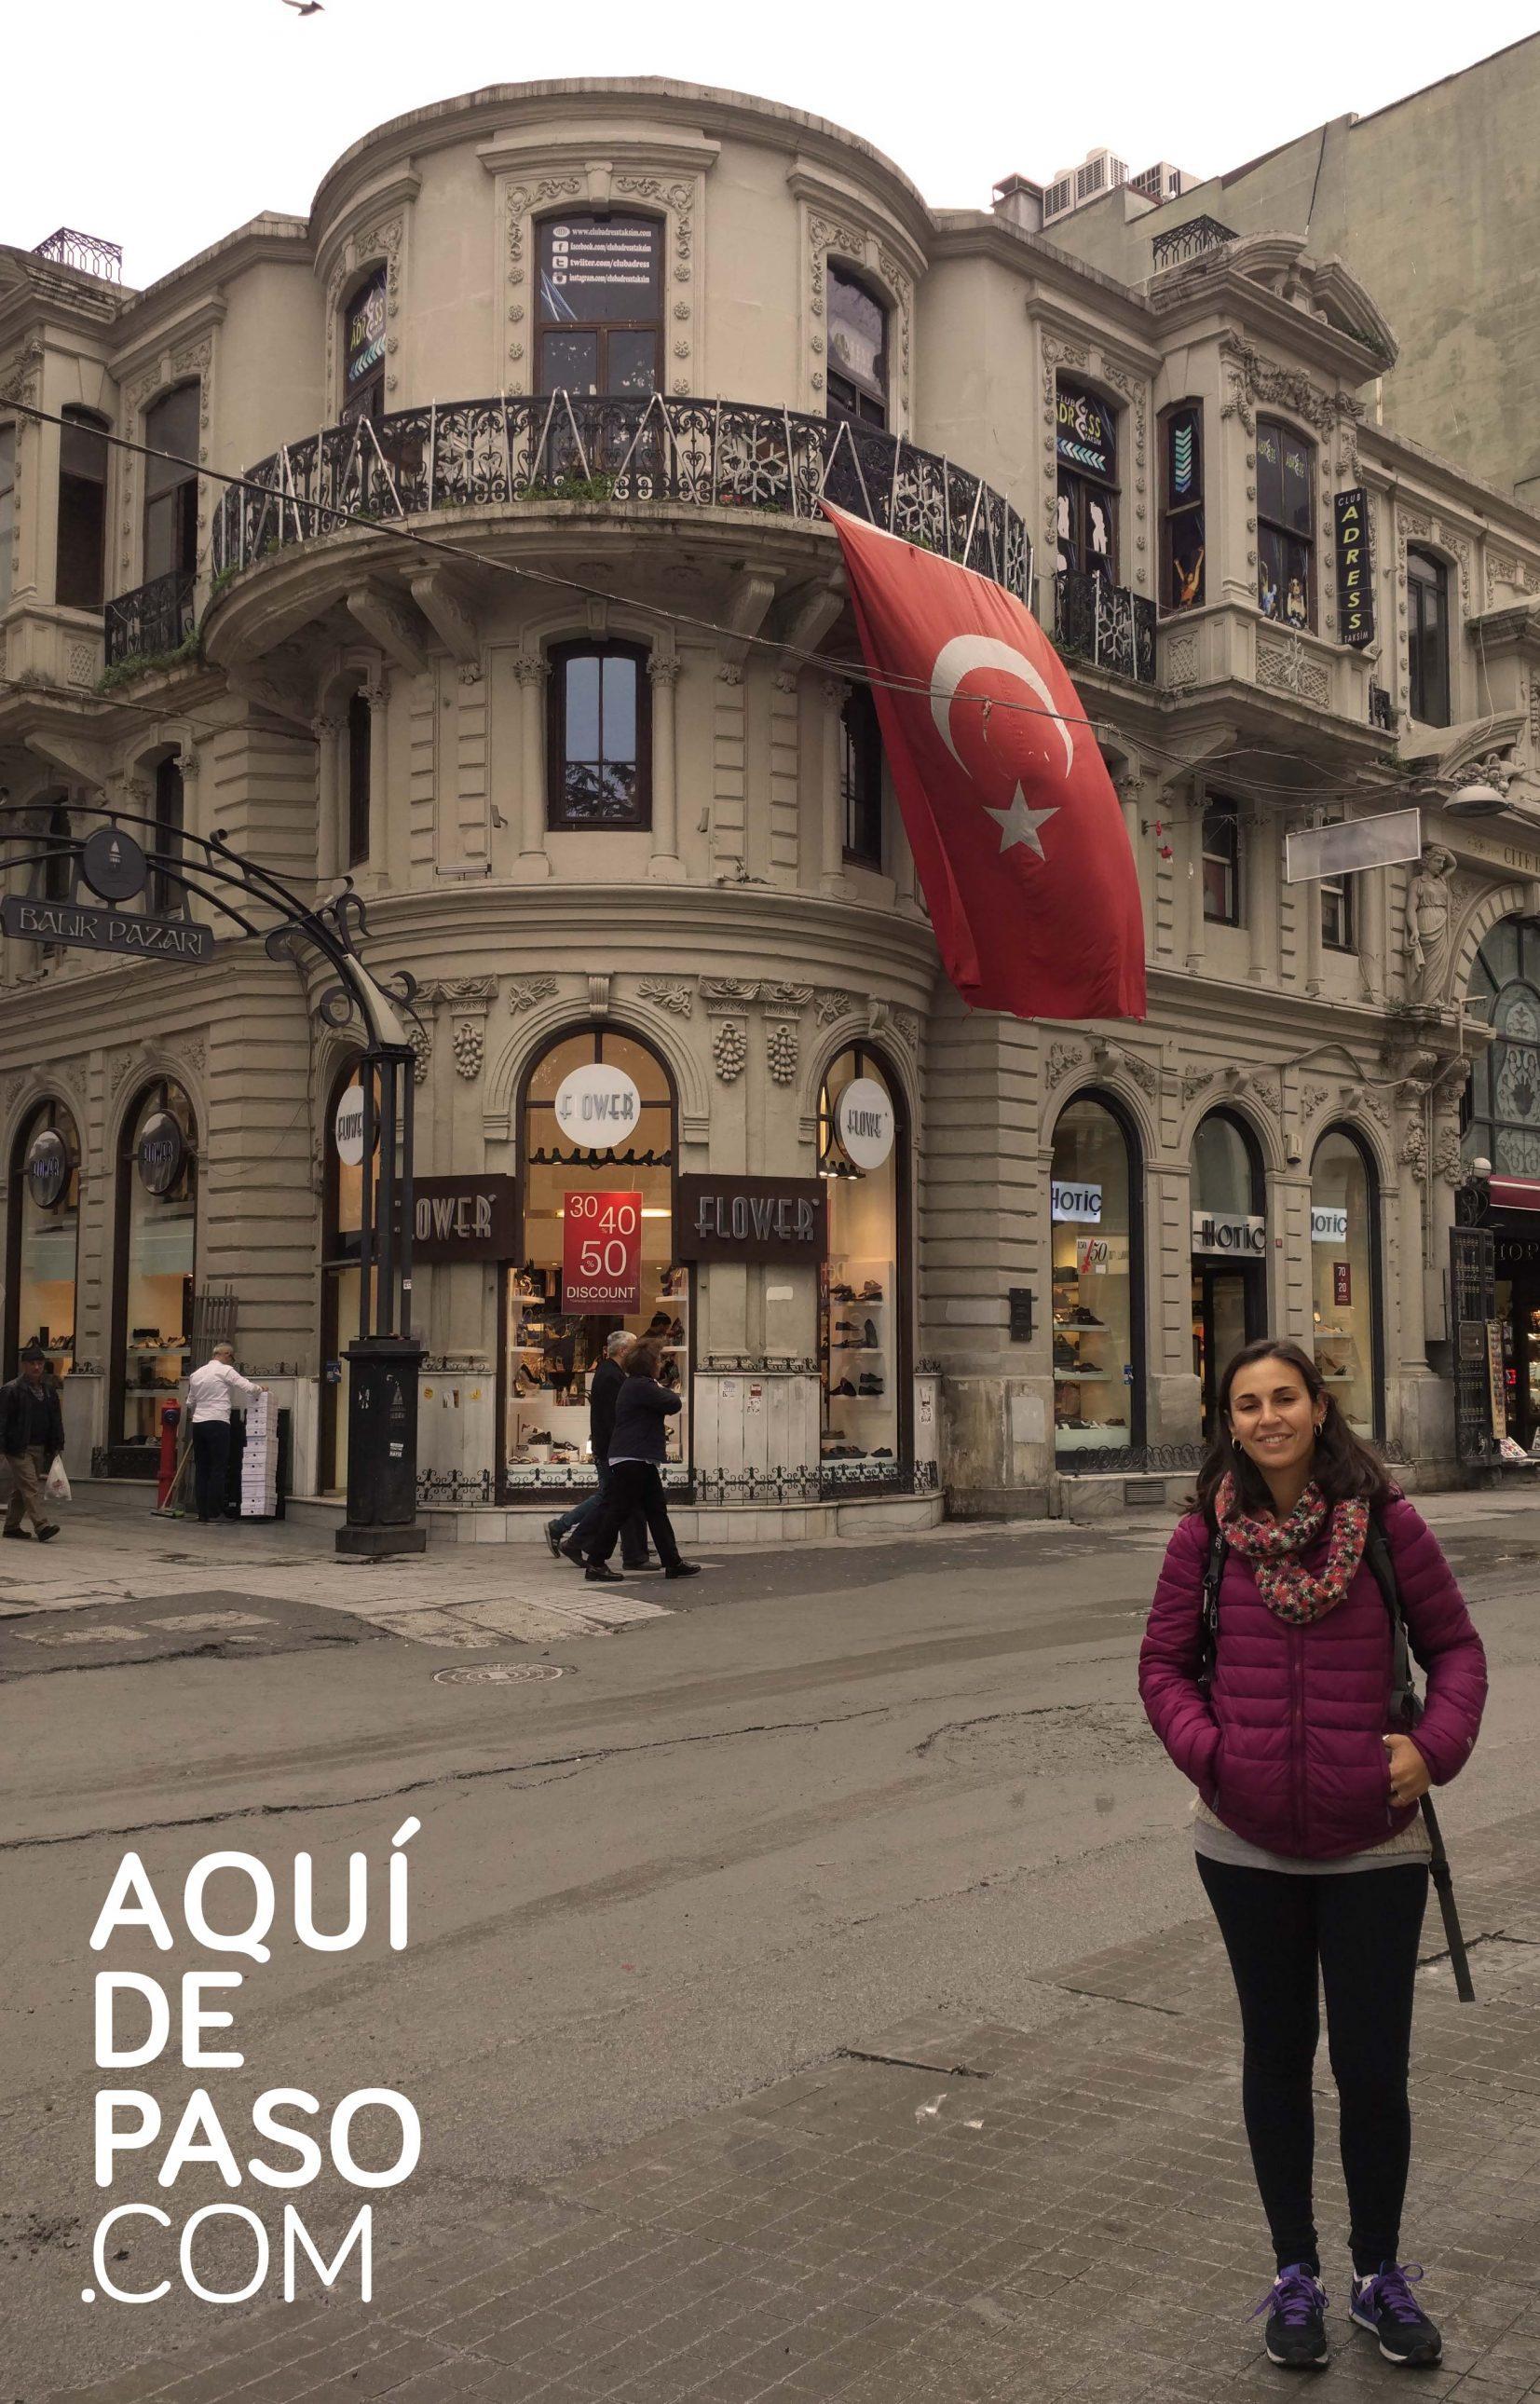 ESTAMbul II - aquidepaso.com